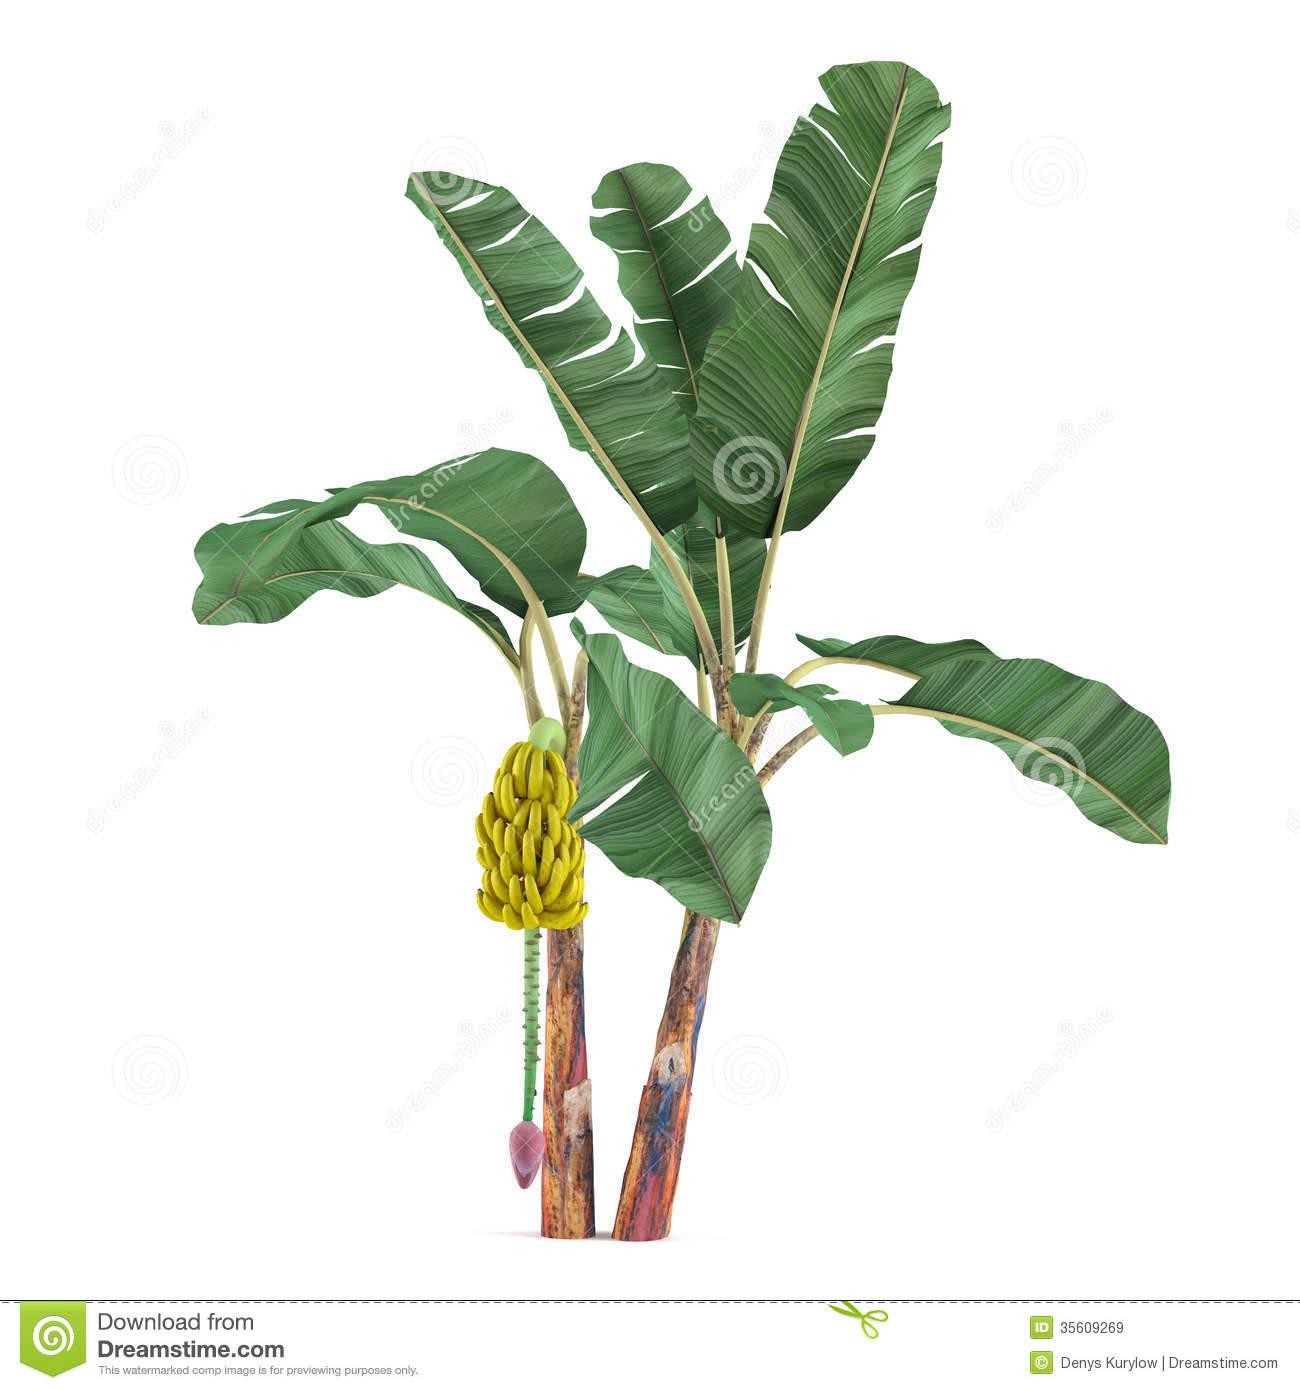 Palm Plant Tree Isolated. Musa Acuminata Banana Stock Photos.